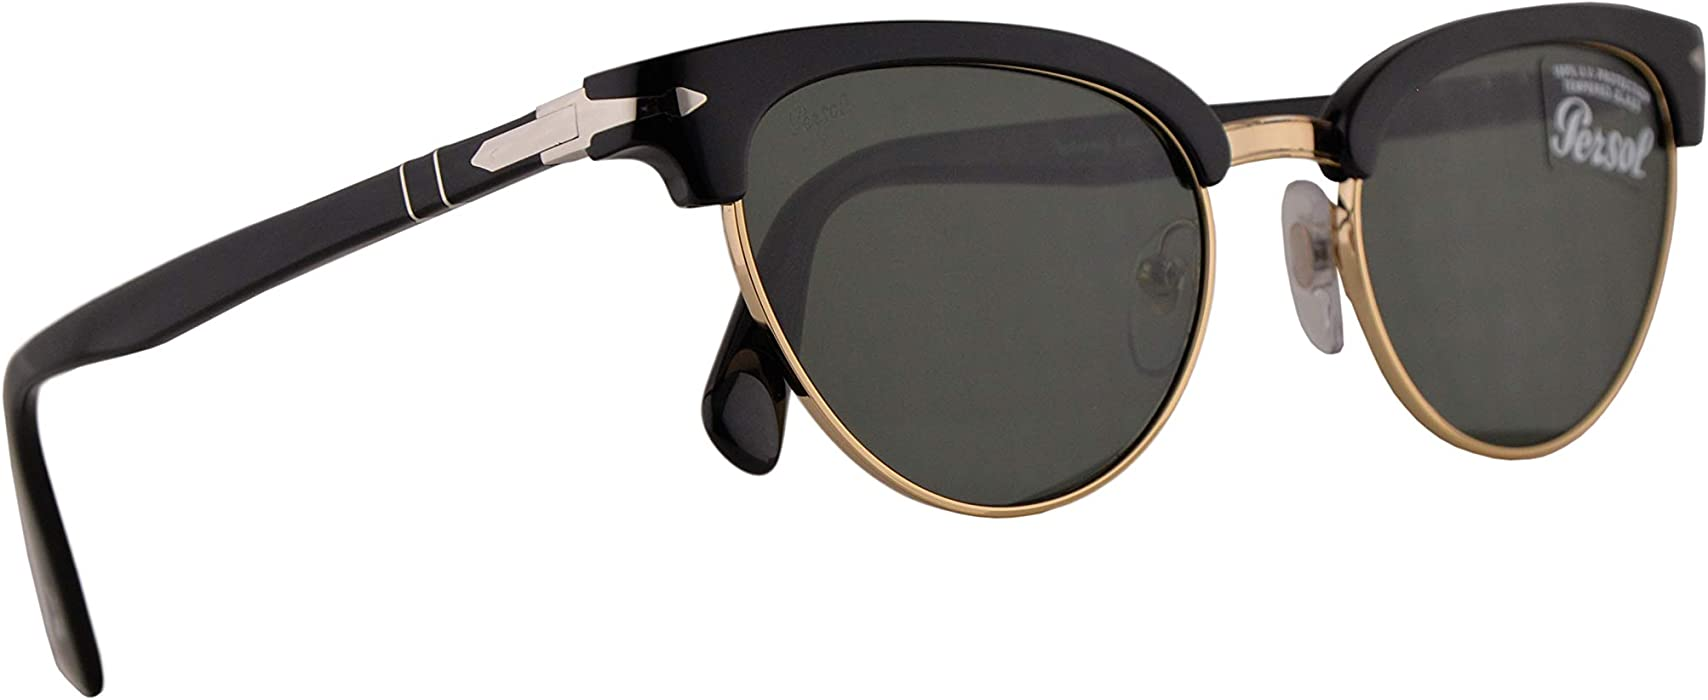 7d41f00725 Persol PO3198S Tailoring Edition Sunglasses Black w Green 51mm Lens 9531 PO  3198S PO 3198